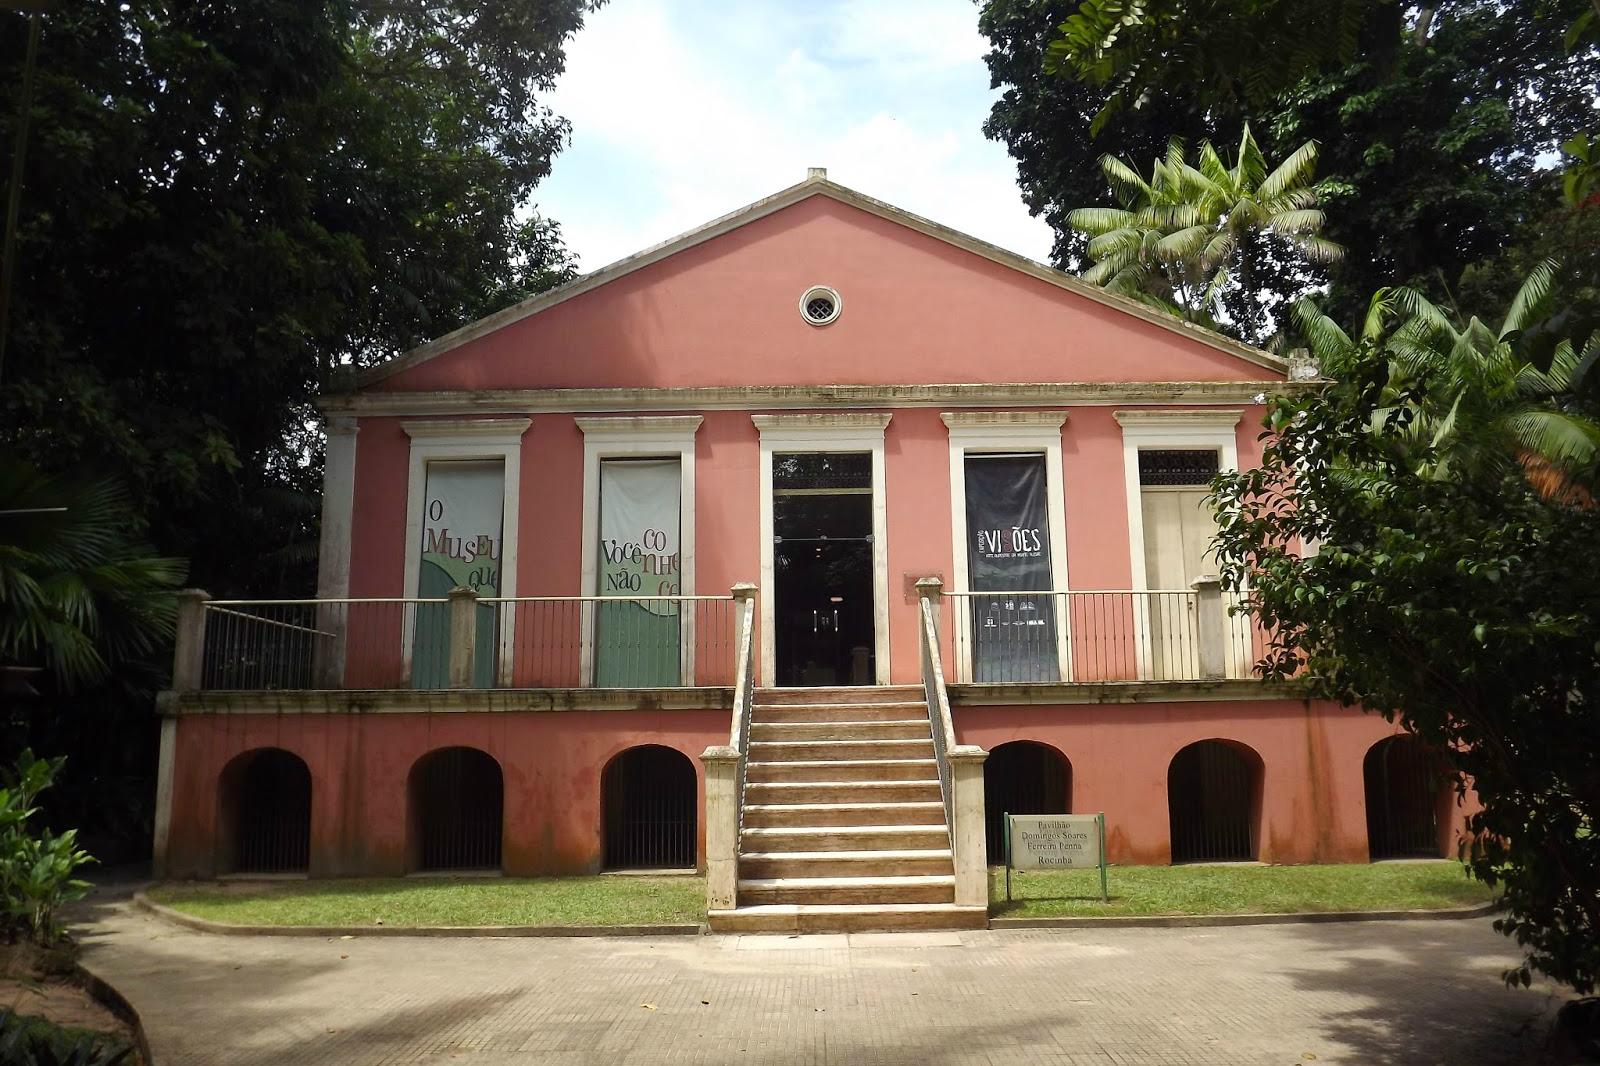 Resultado de imagem para imagens do museu emilio goeldi